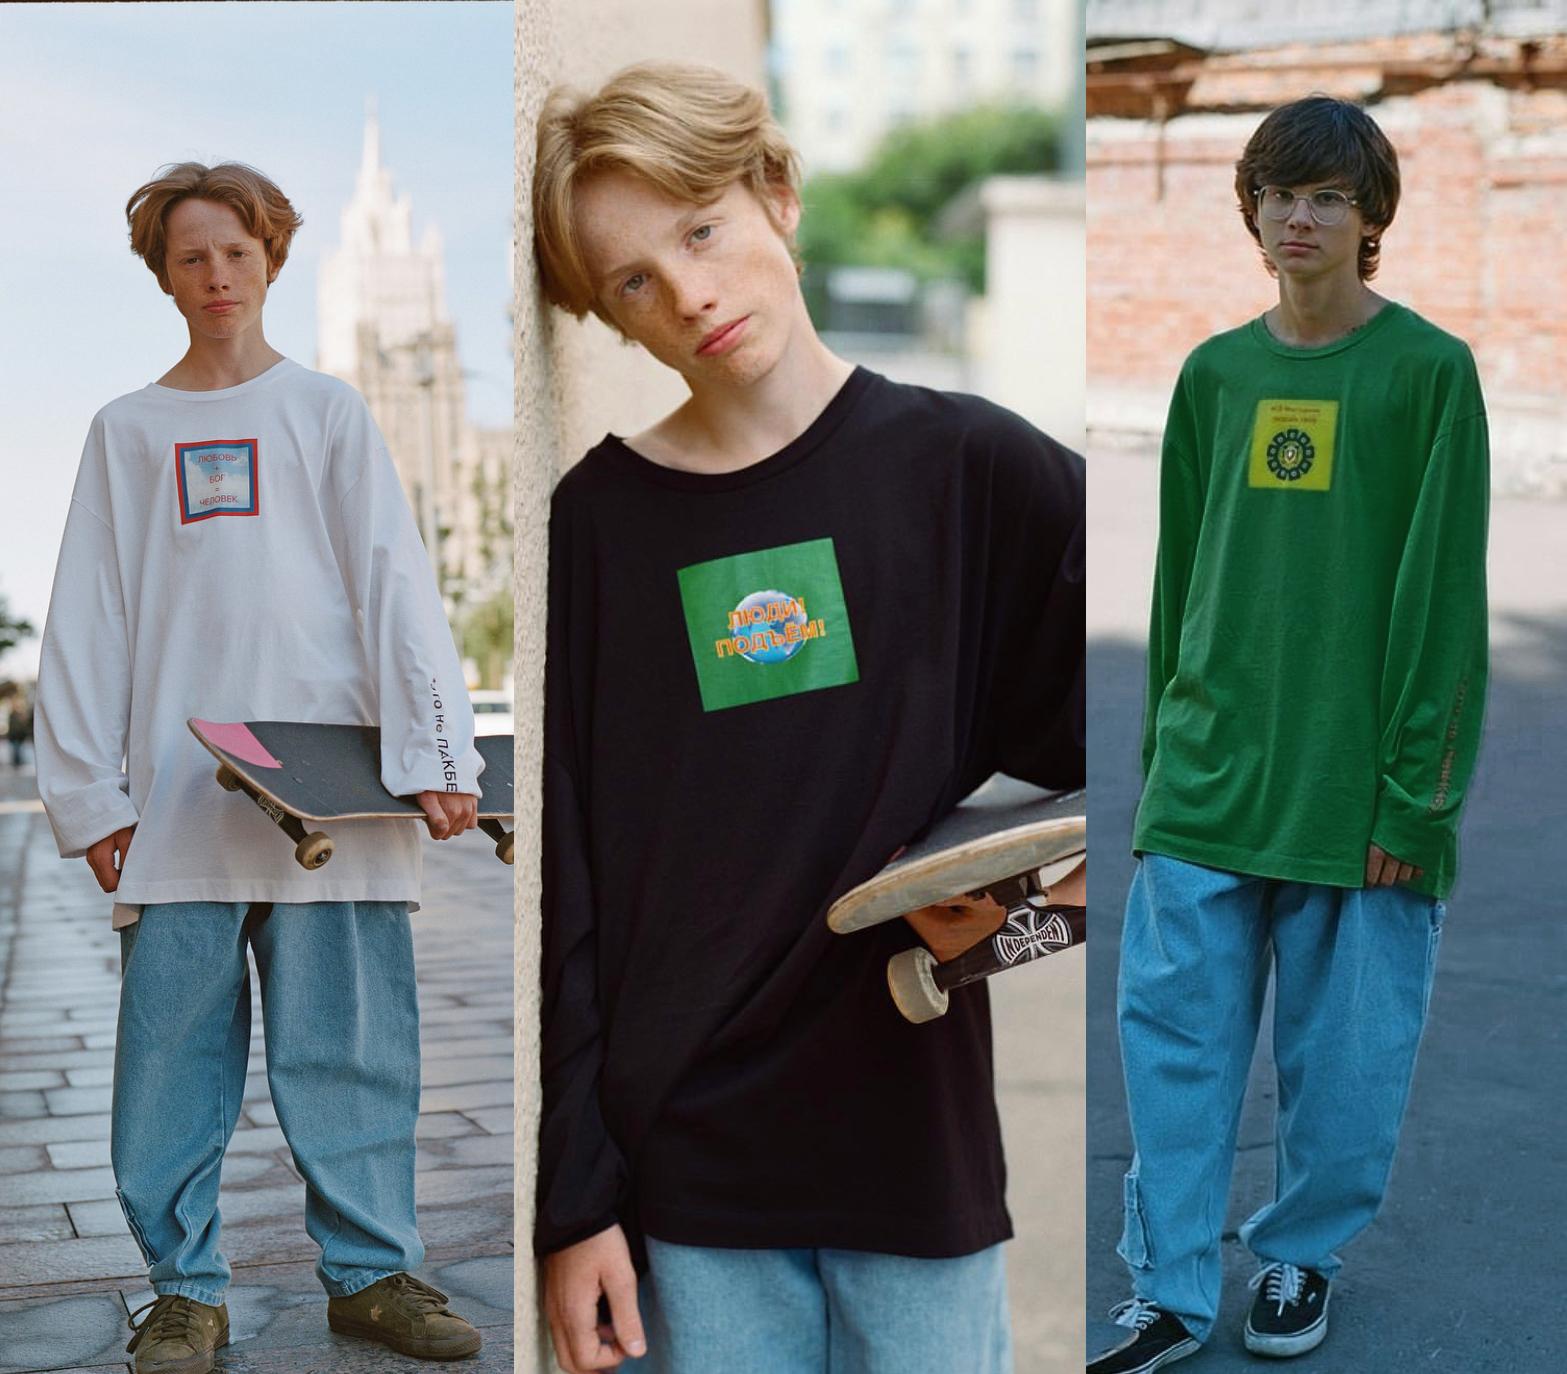 欧美街头纯棉长袖t恤男女情侣青少年原宿复古潮T嘻哈绿色打底衫